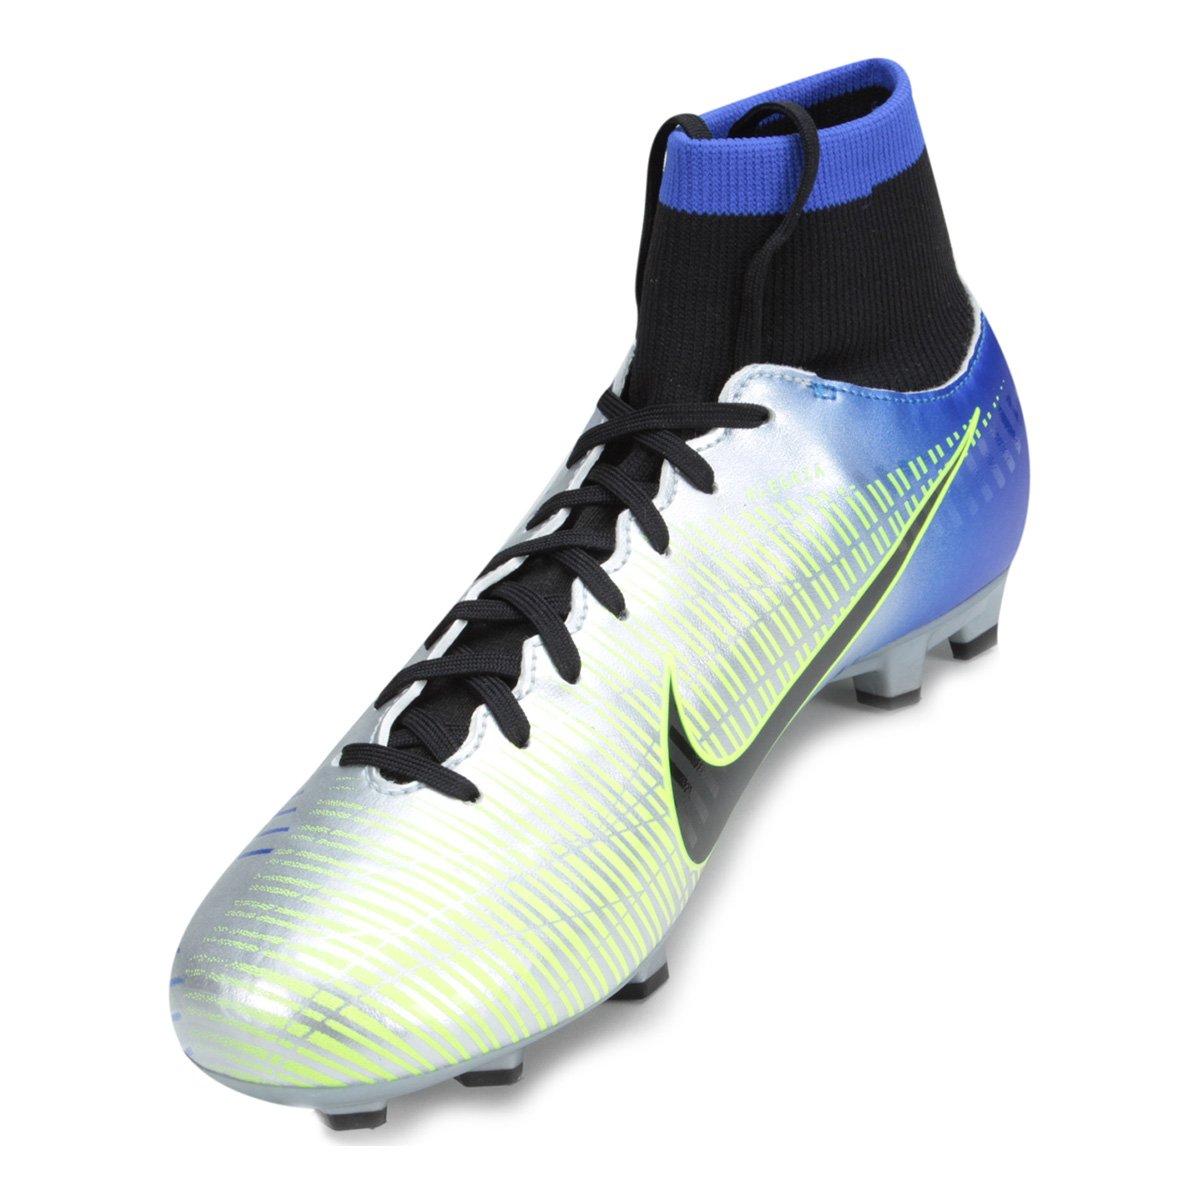 Chuteira Campo Nike Mercurial Victory 6 DF Neymar Jr FG - Azul e ... da61bc817b8ea